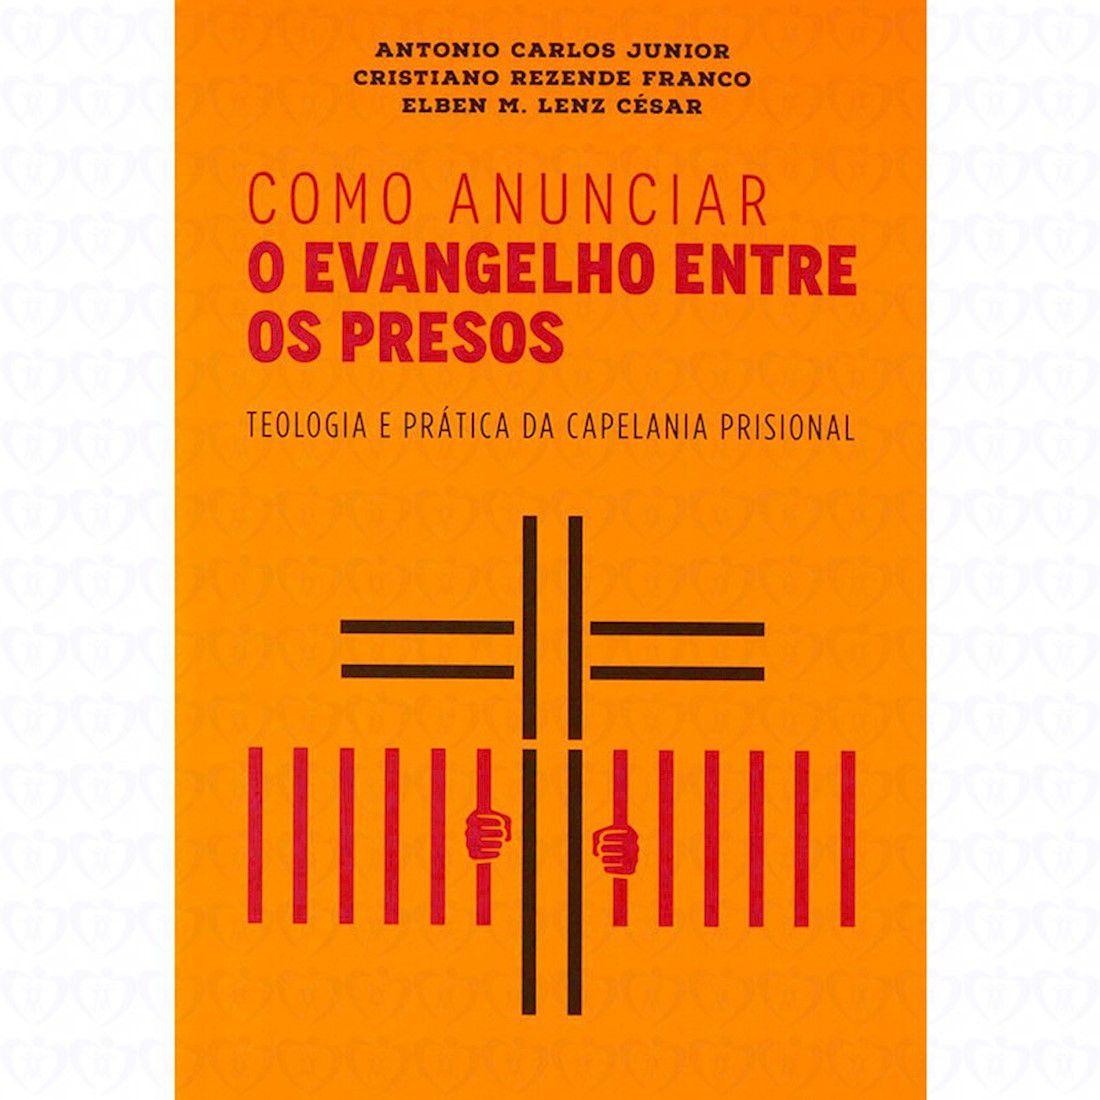 Livro Como Posso Anunciar o Evangelho Entre os Presos